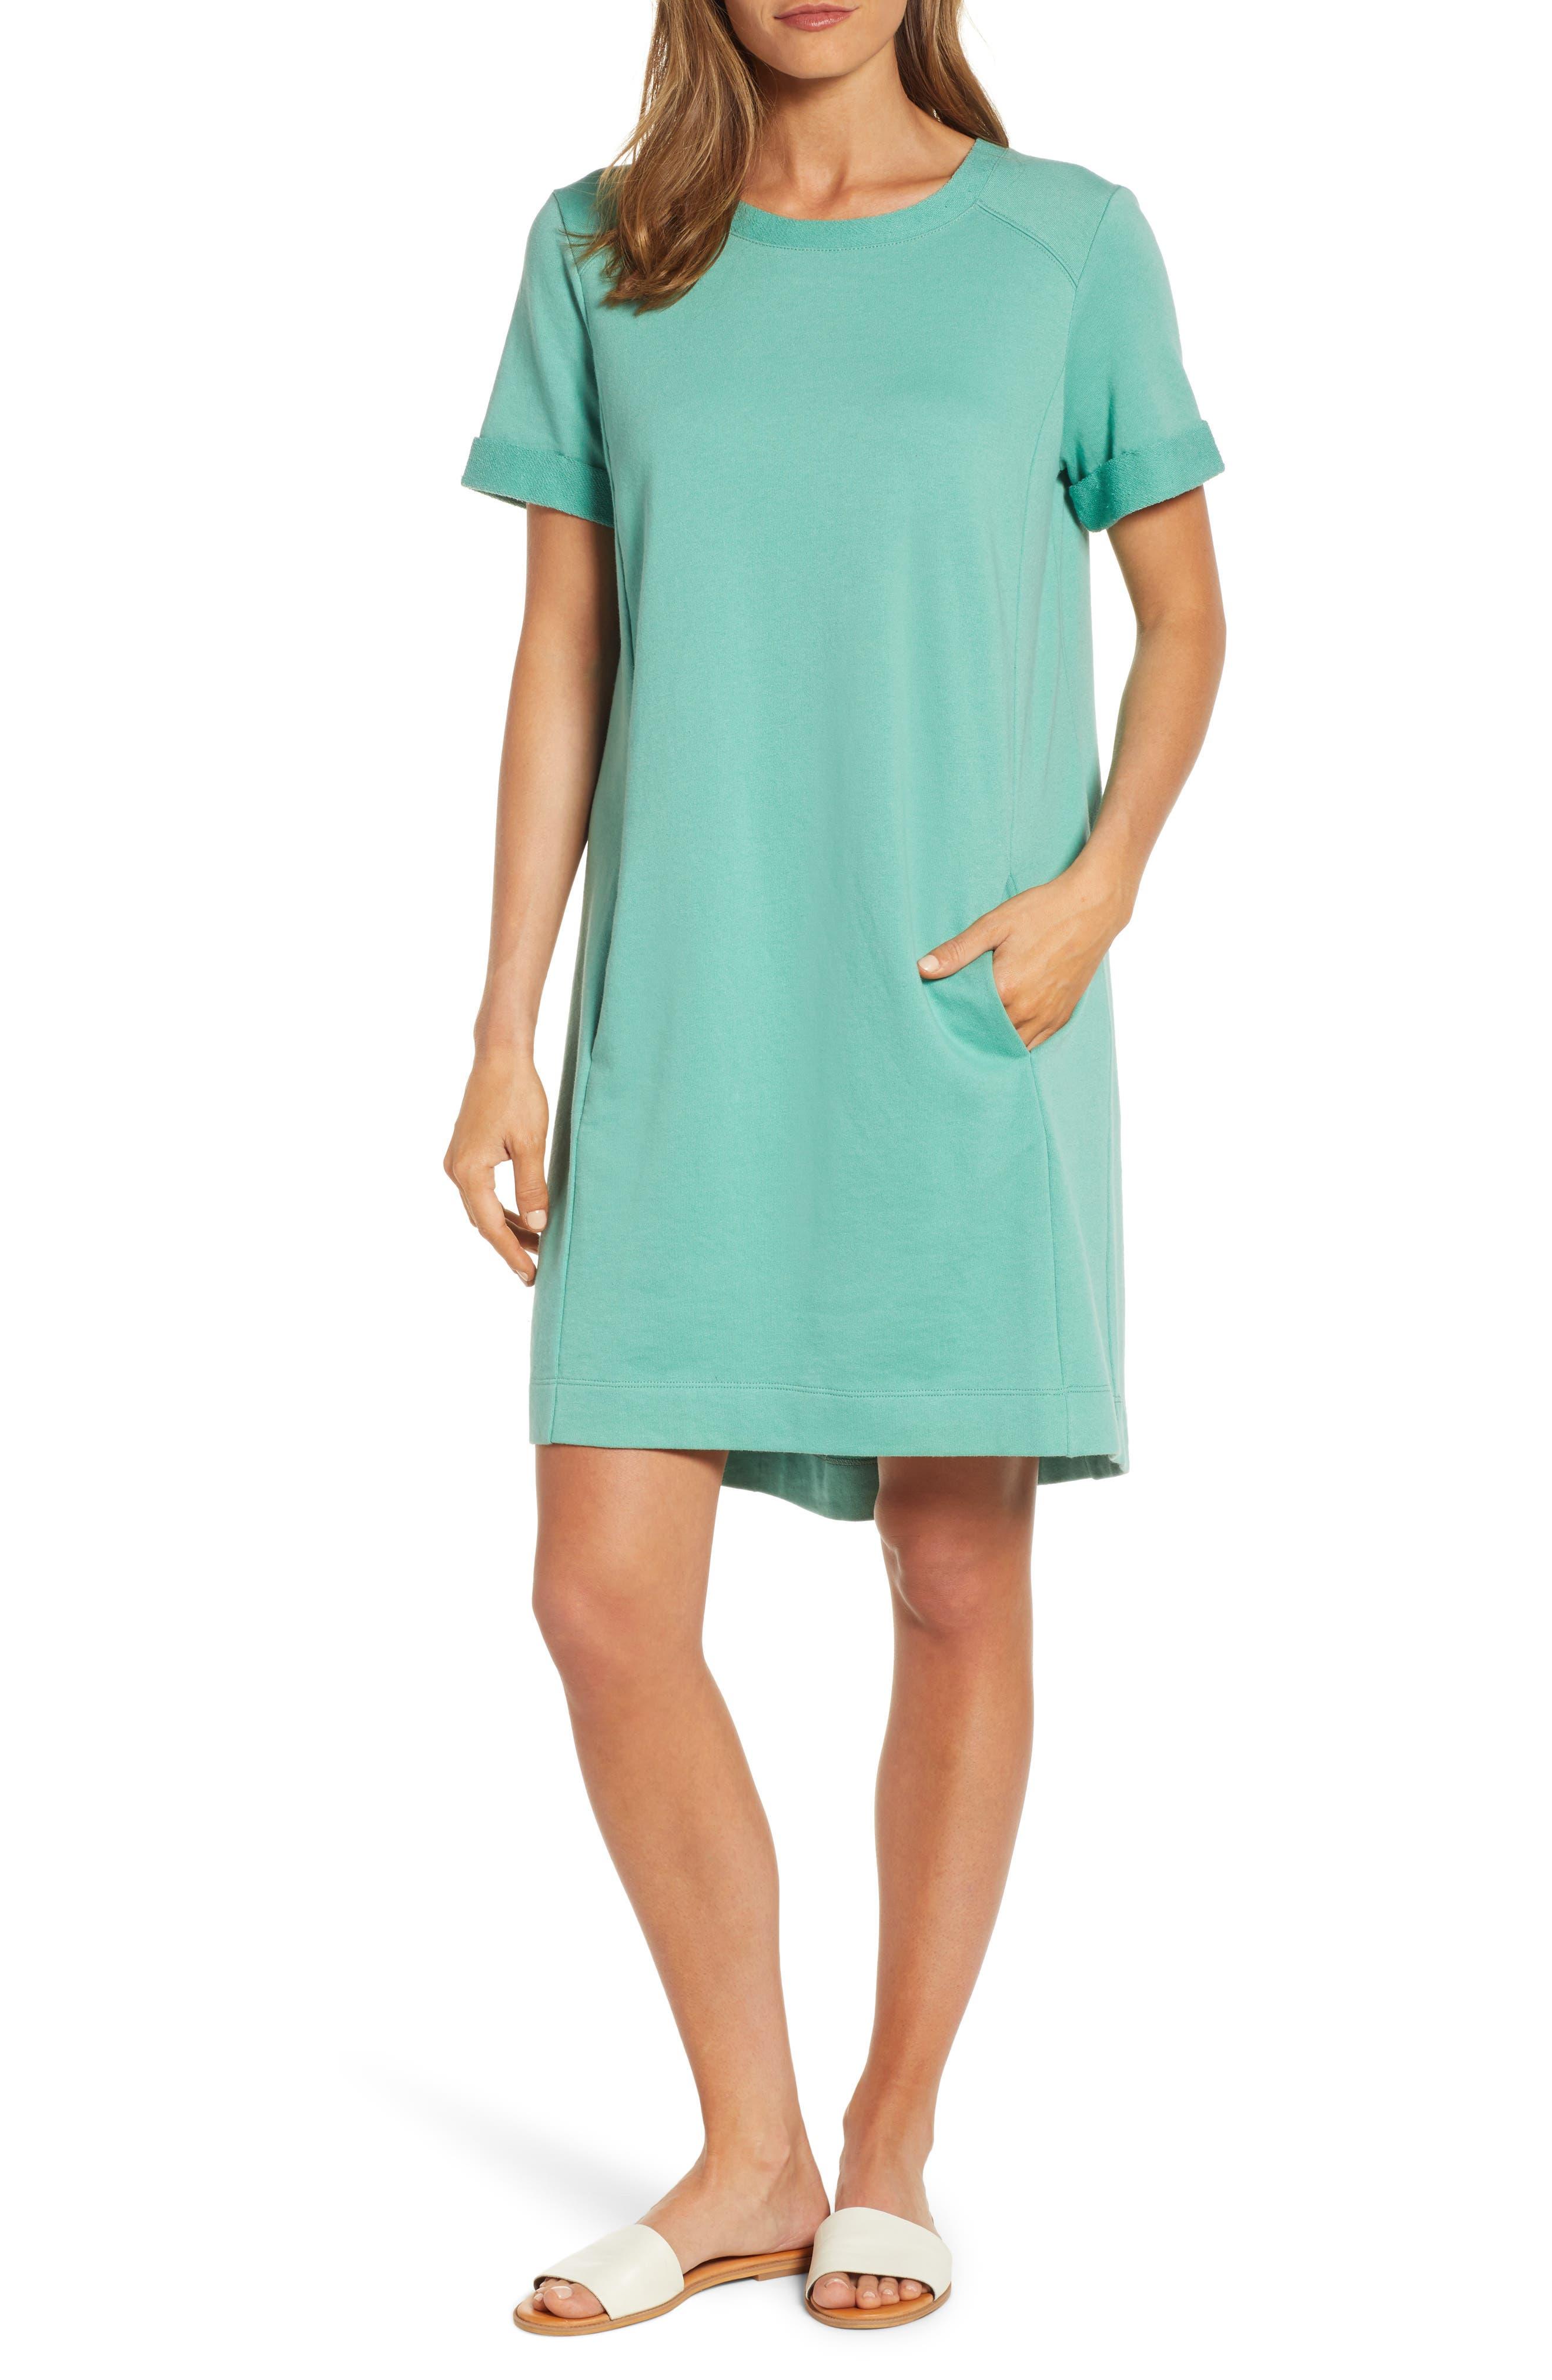 Petite Caslon Short Sleeve Cotton Blend Dress, Green